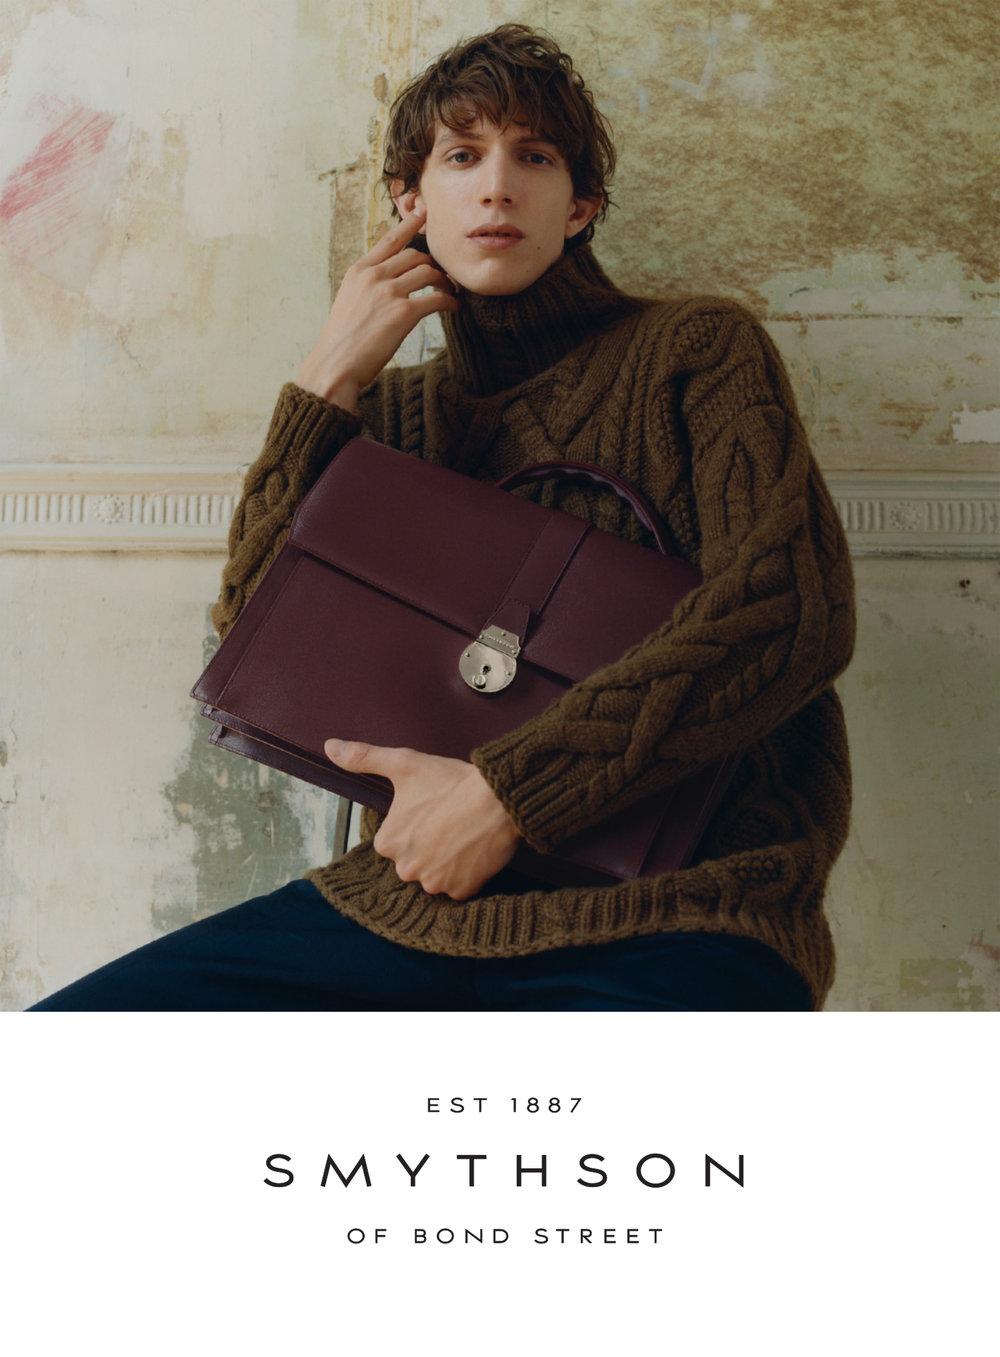 SMYTHSON '18 - SAMUEL BRADLEY